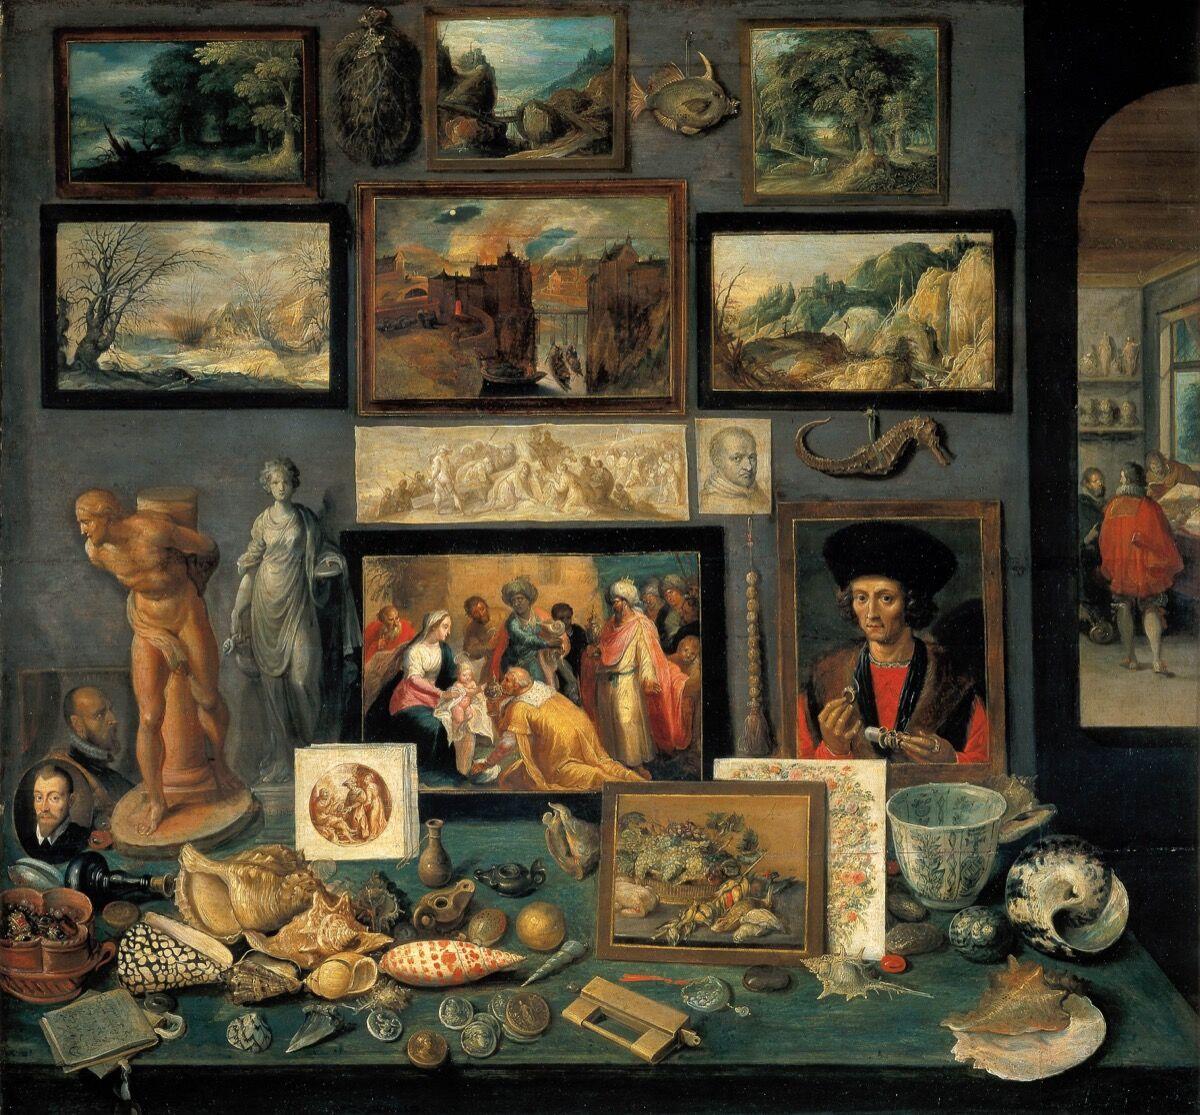 Frans Francken le Jeune, Chambre d'art et de curiosités, 1636. Image via Wikimedia Commons.